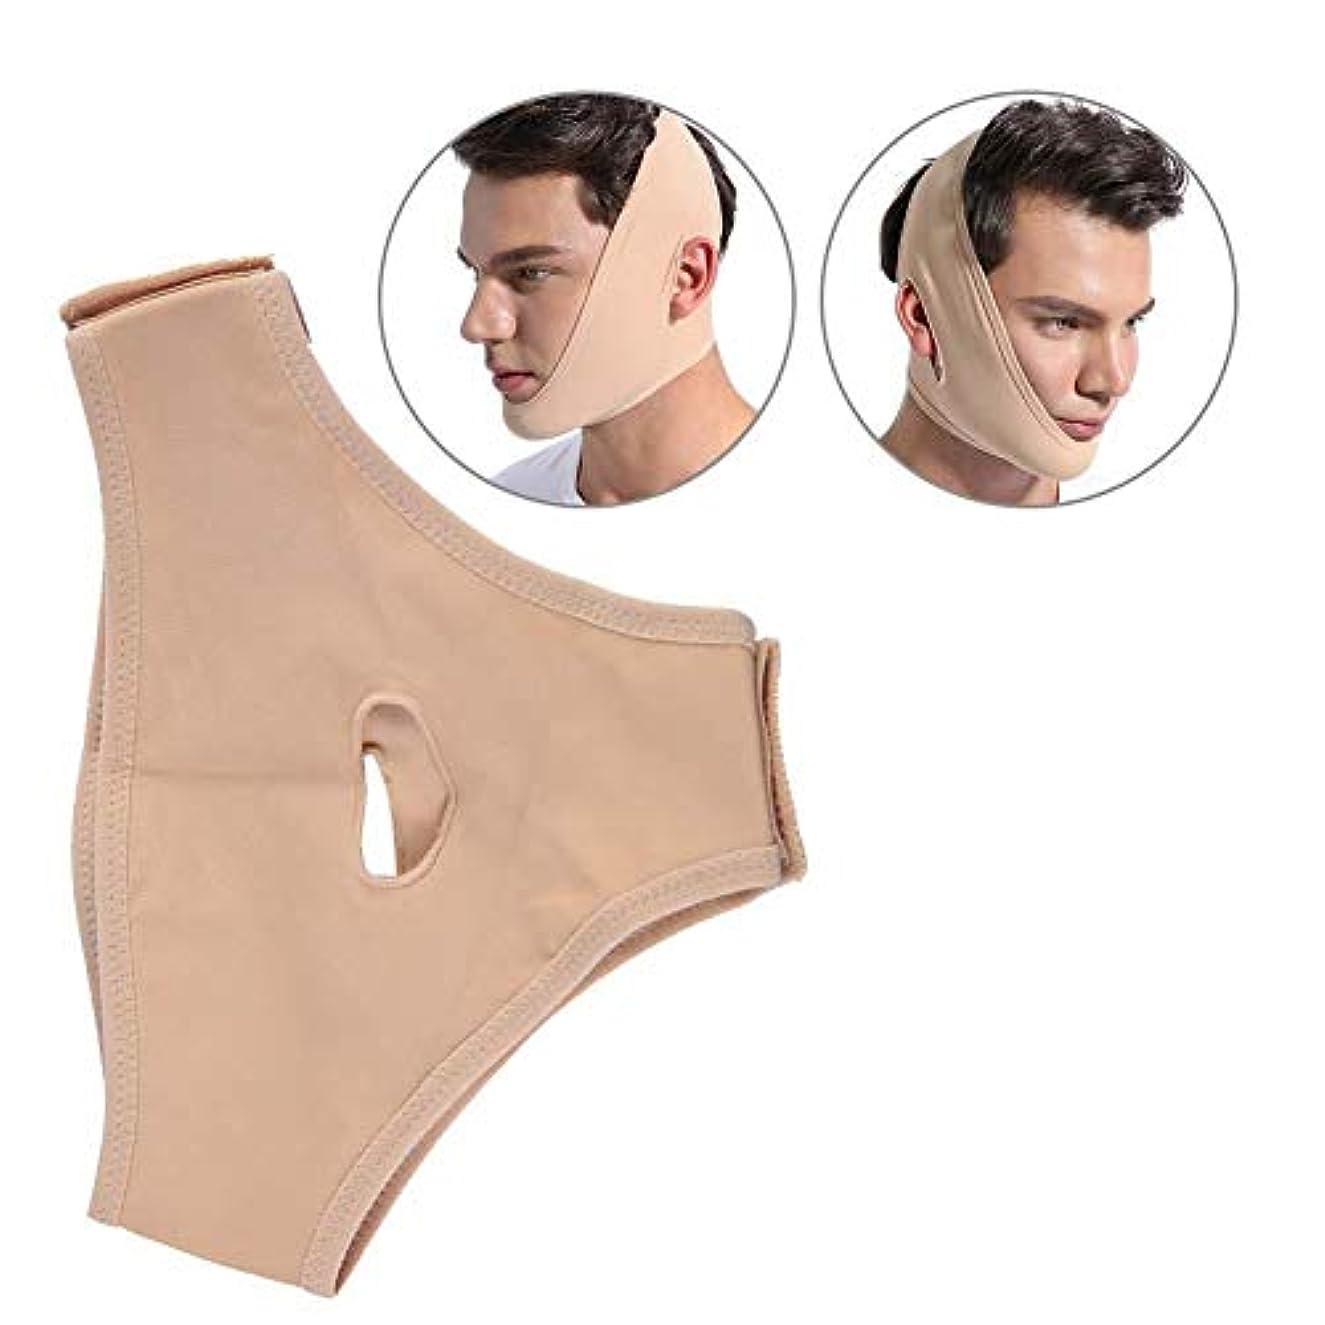 顔の輪郭を改善するVフェイス美容包帯、フェイスリフト用フェイスマスク、輪郭の改善、二重あごおよび脂肪蓄積(L)